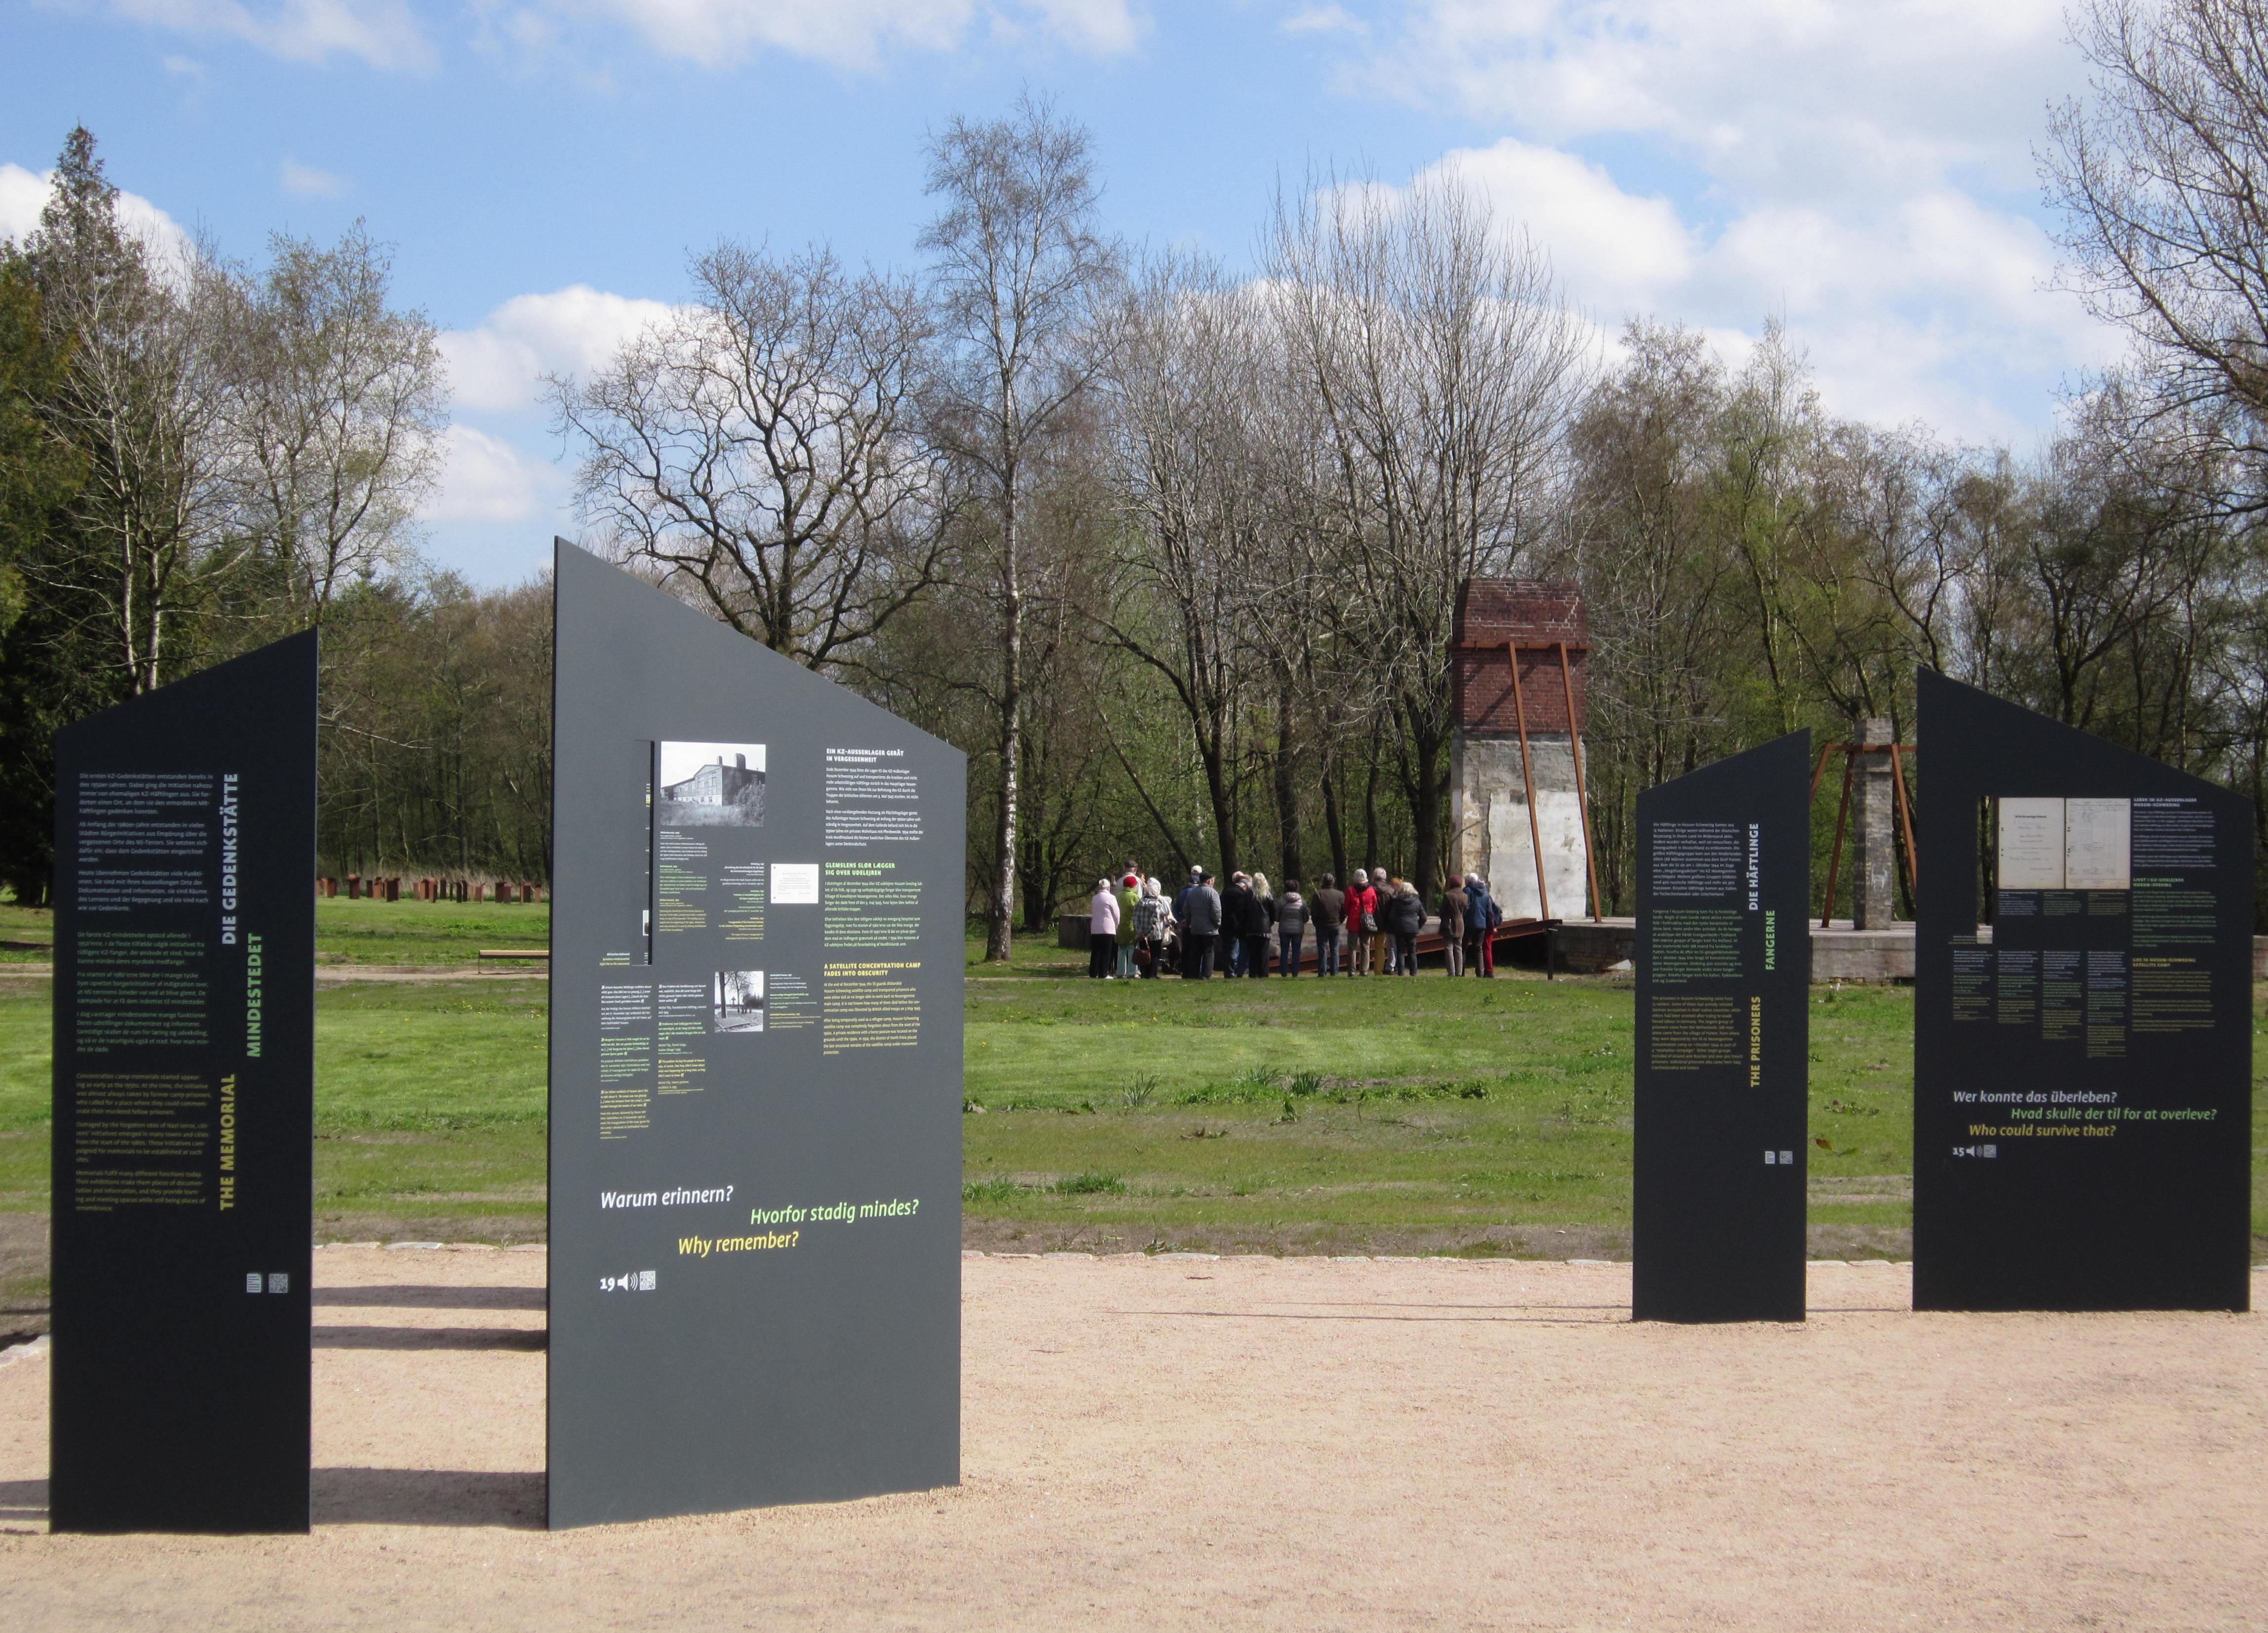 Die im April 2017 eingeweihte Außenausstellung der KZ-Gedenkstätte Husum-Schwesing. Im Hintergrund steht eine geführte Gruppe an den Überresten der Küchenbaracke. 30. April 2017